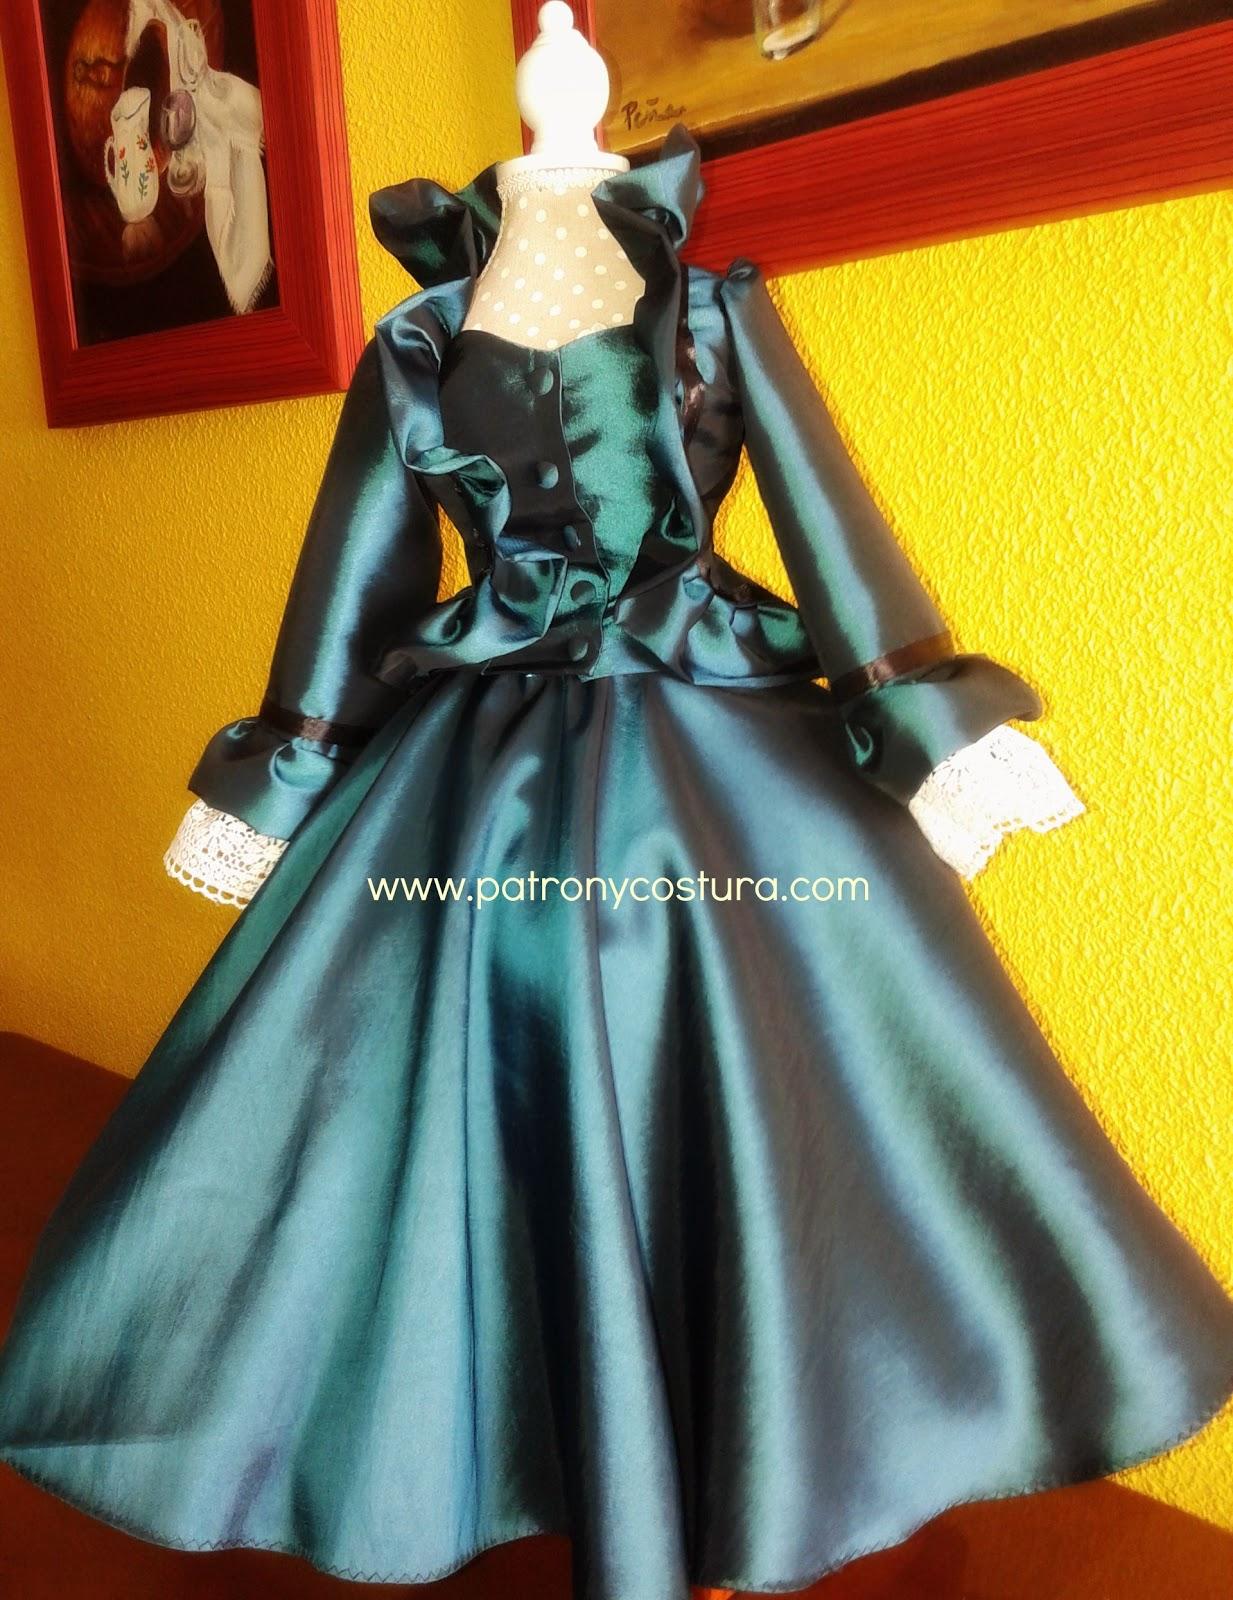 Perfecto Patrones De Costura Vestido De época Motivo - Manta de ...